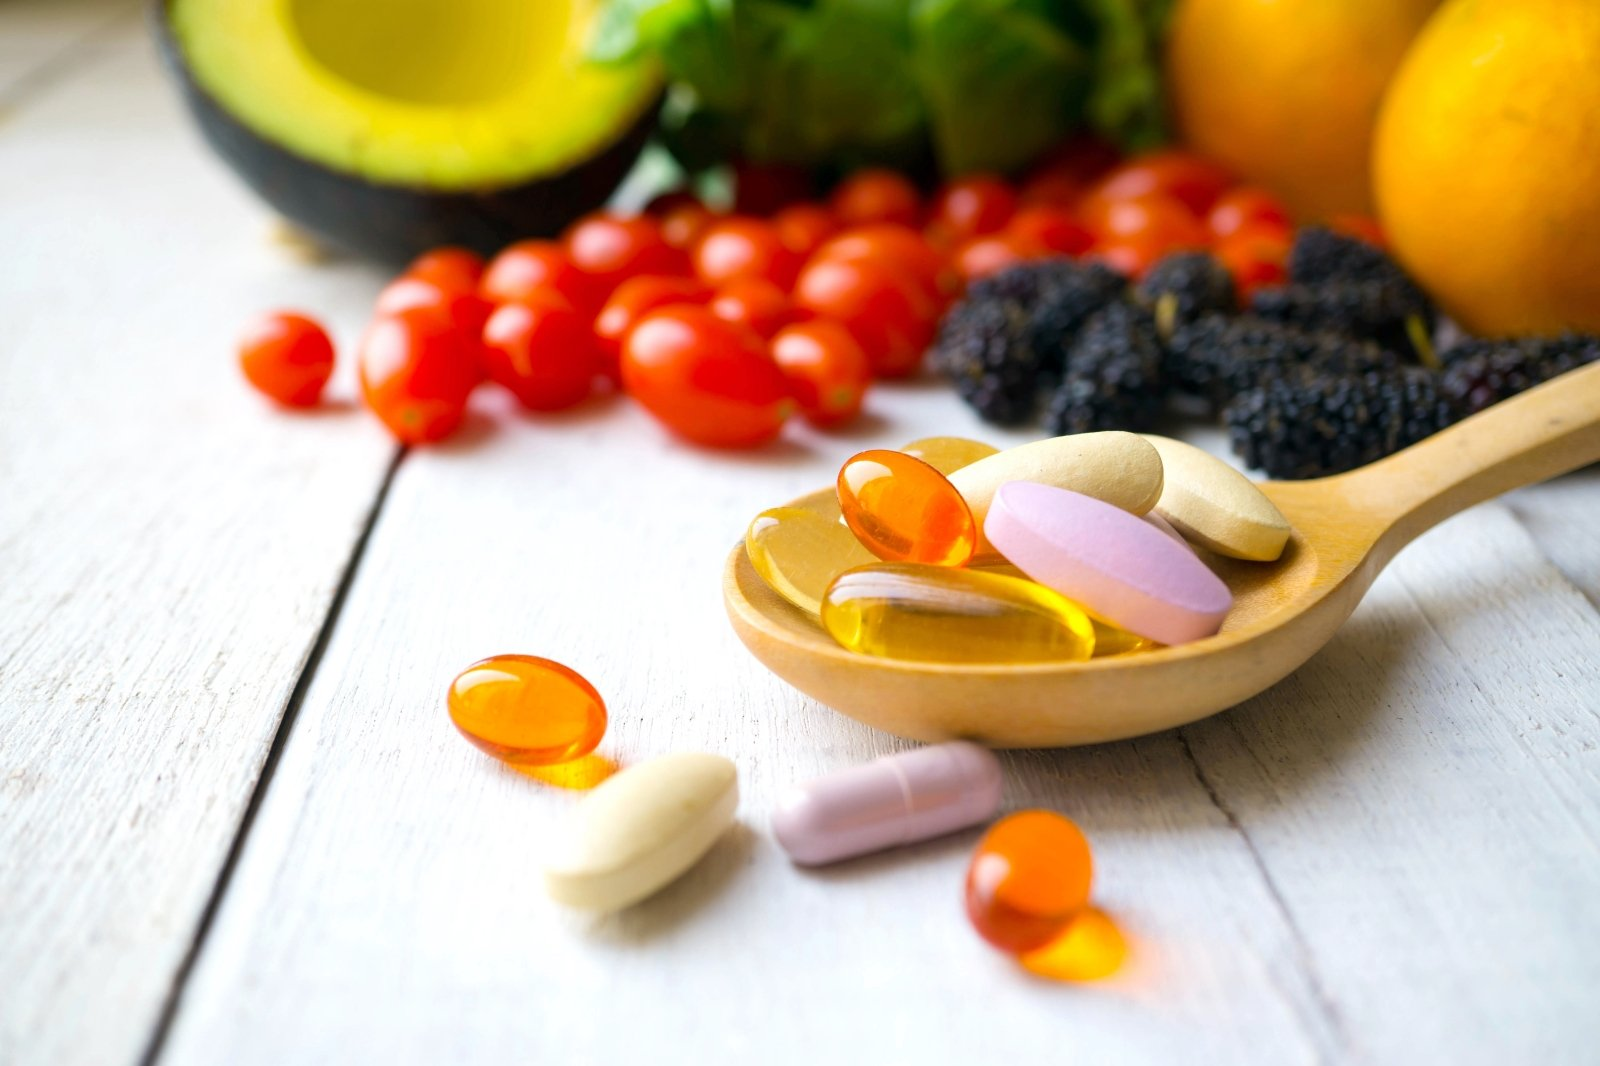 širdies sveikatos vitaminai